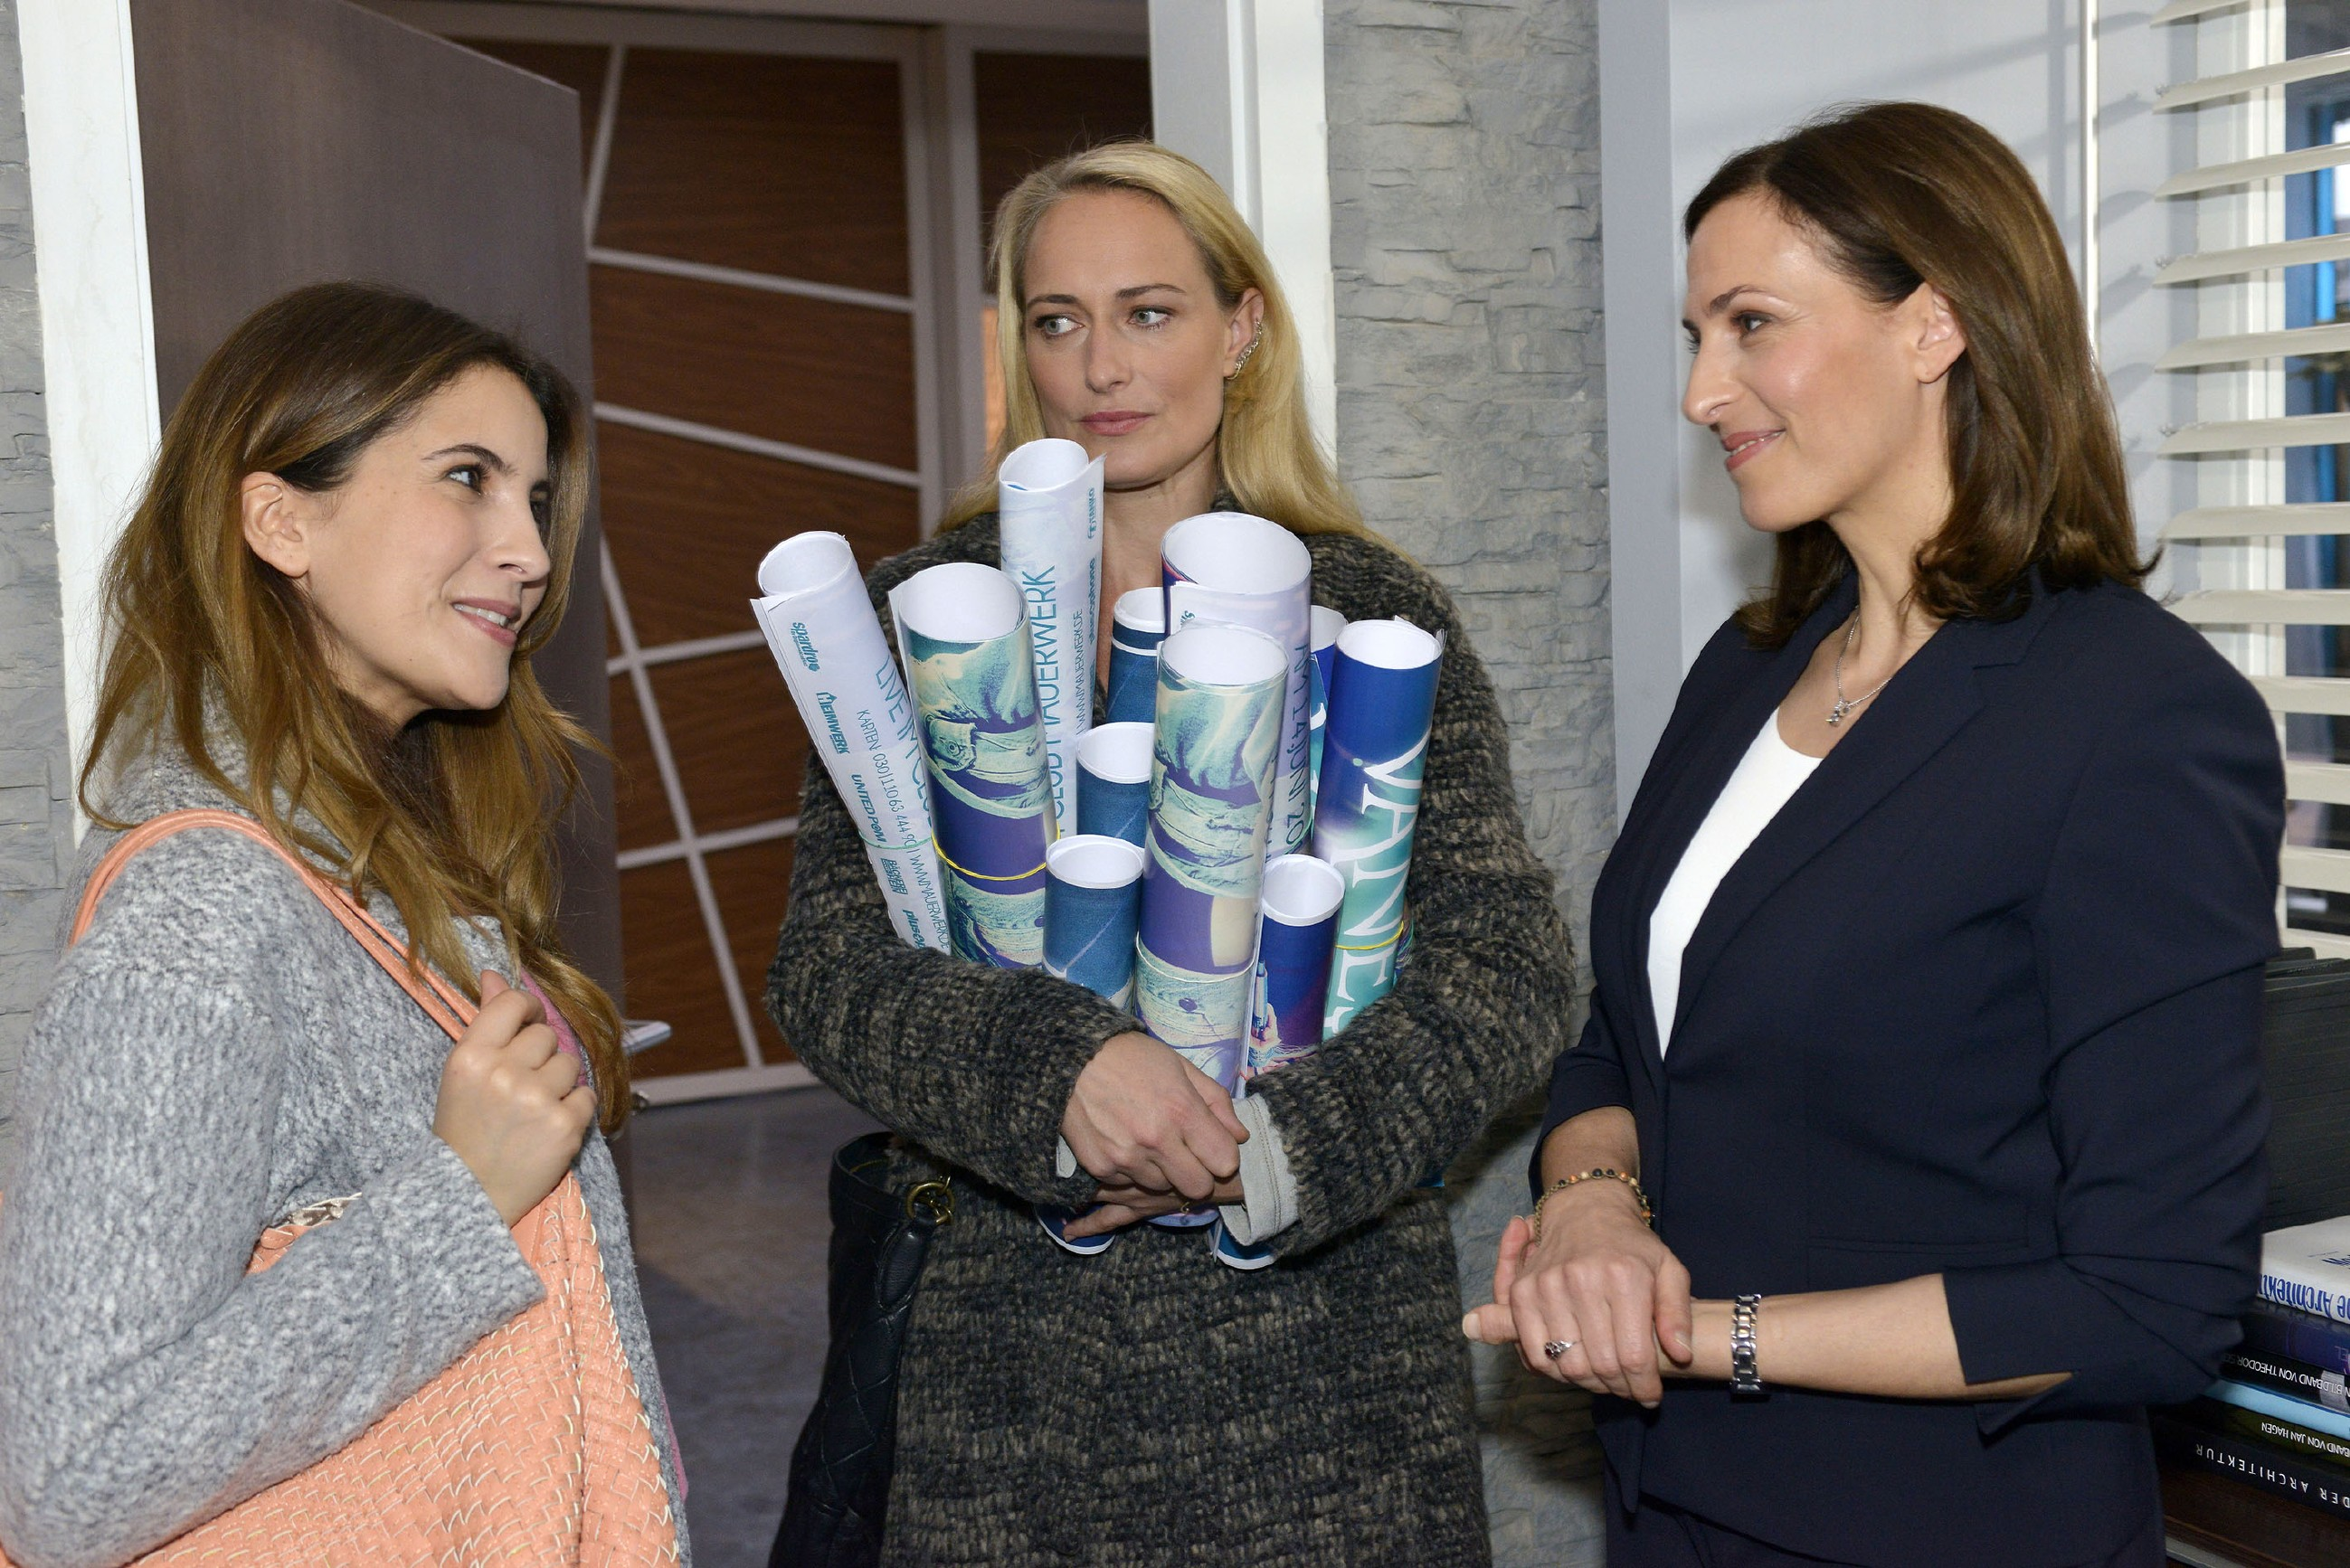 Während Katrin (Ulrike Frank, r.) sich über das von Laura (Chryssanti Kavazi, l.) geschenkte Armband freut, weckt genau dieses Marens (Eva Mona Rodekirchen) Misstrauen... (Quelle: RTL / Rolf Baumgartner)